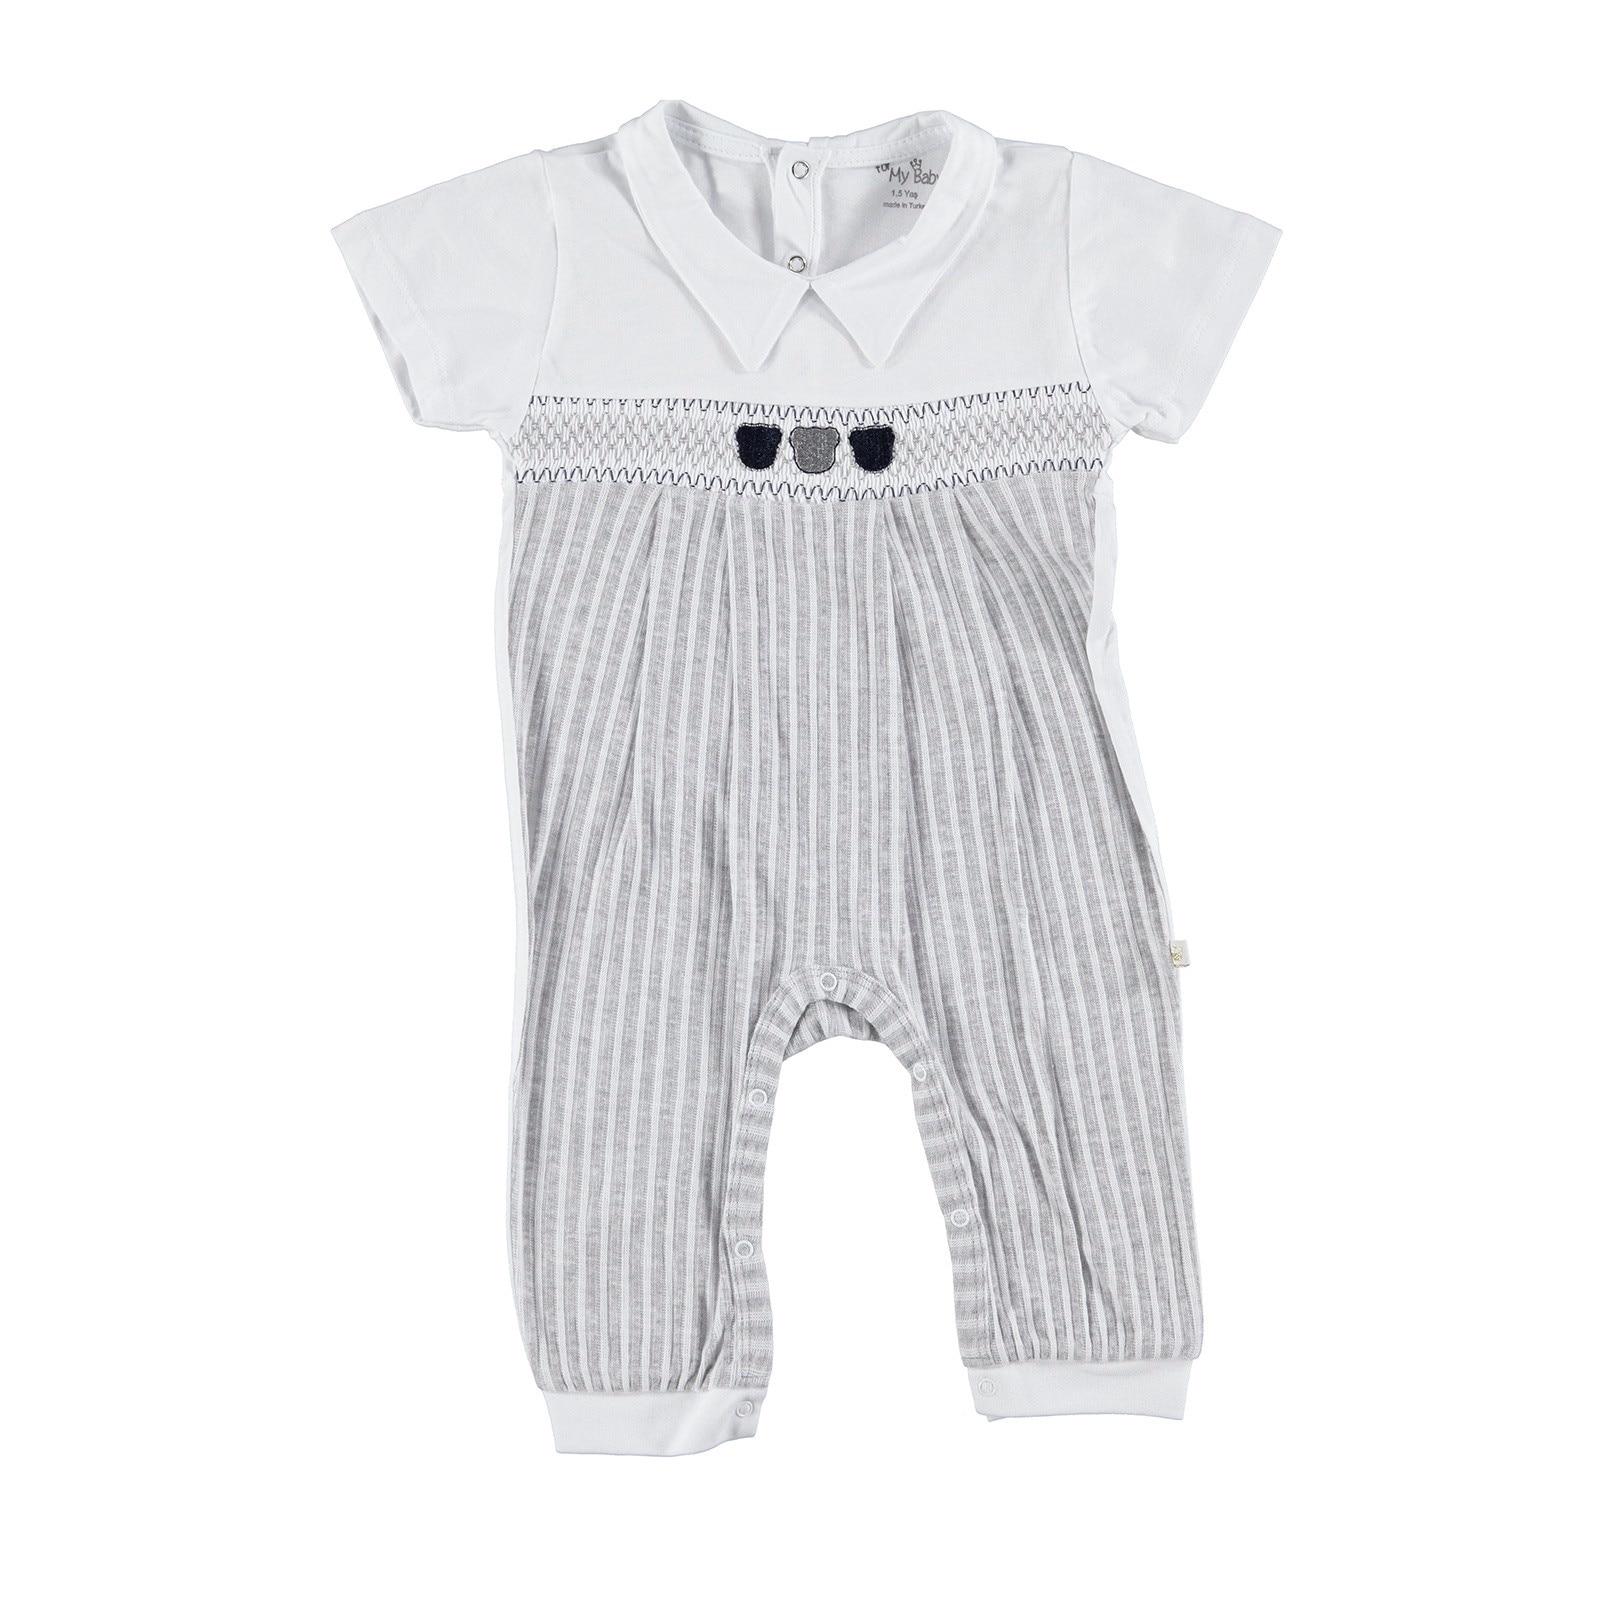 Ebebek For My Baby Boy Rhythm RibBoy Romper